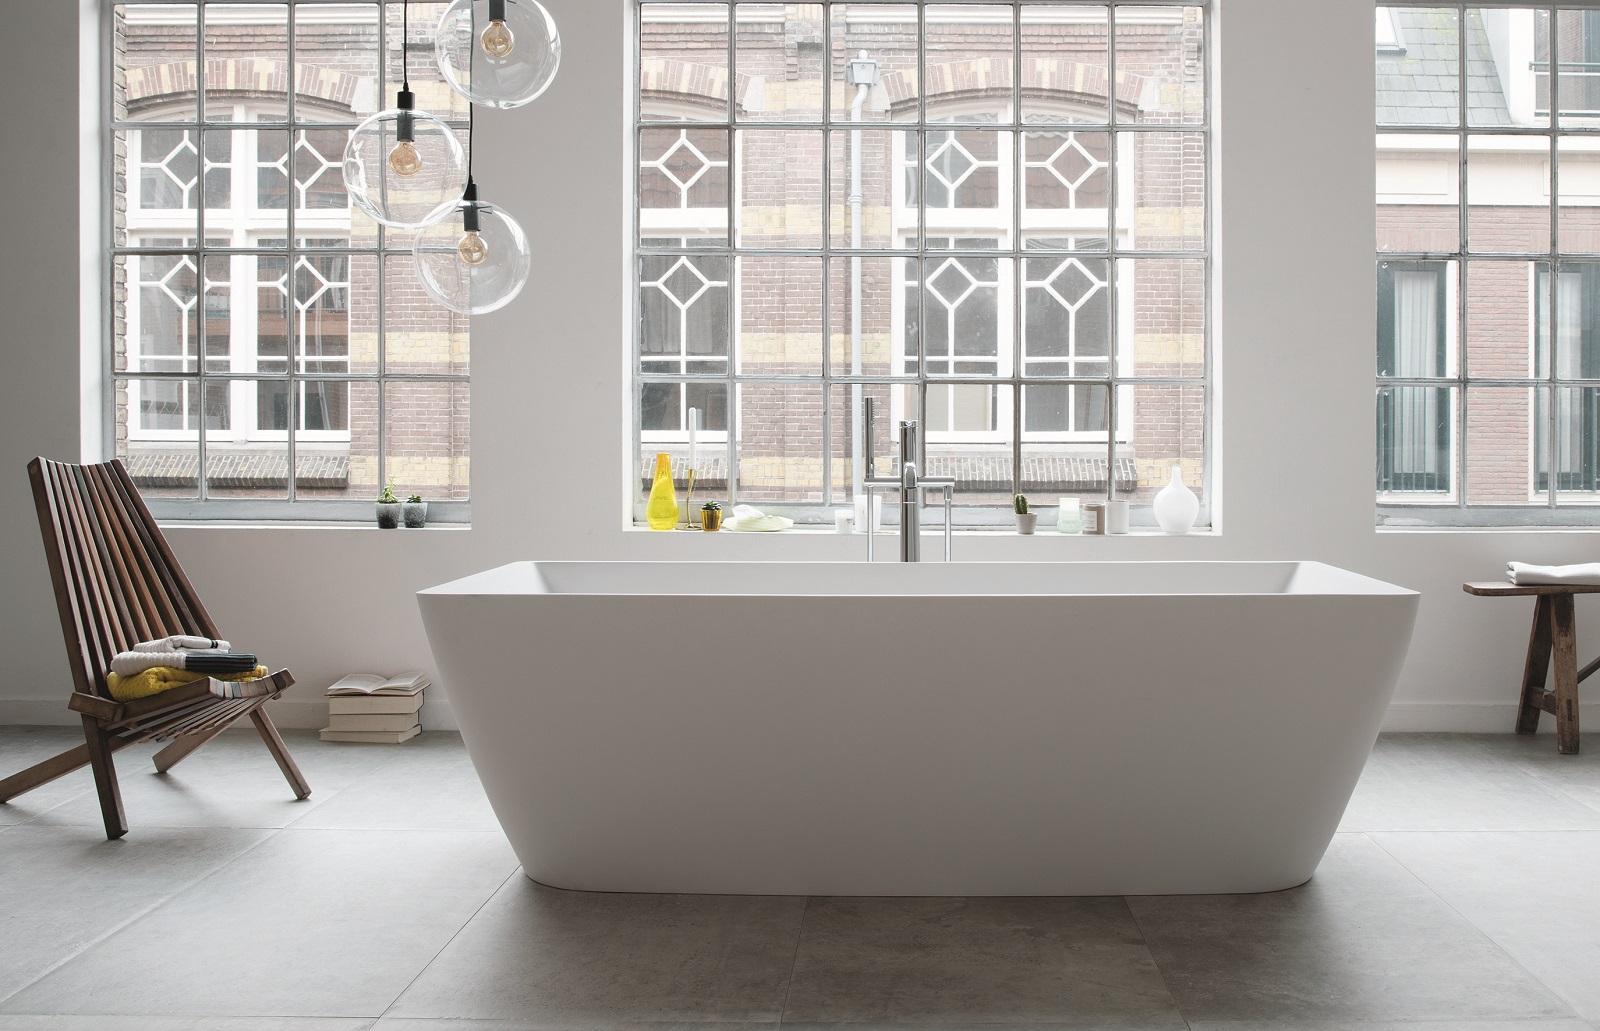 Vasca Da Bagno Quale Scegliere : Le vasche da bagno non sono realizzate soltanto in acrilico